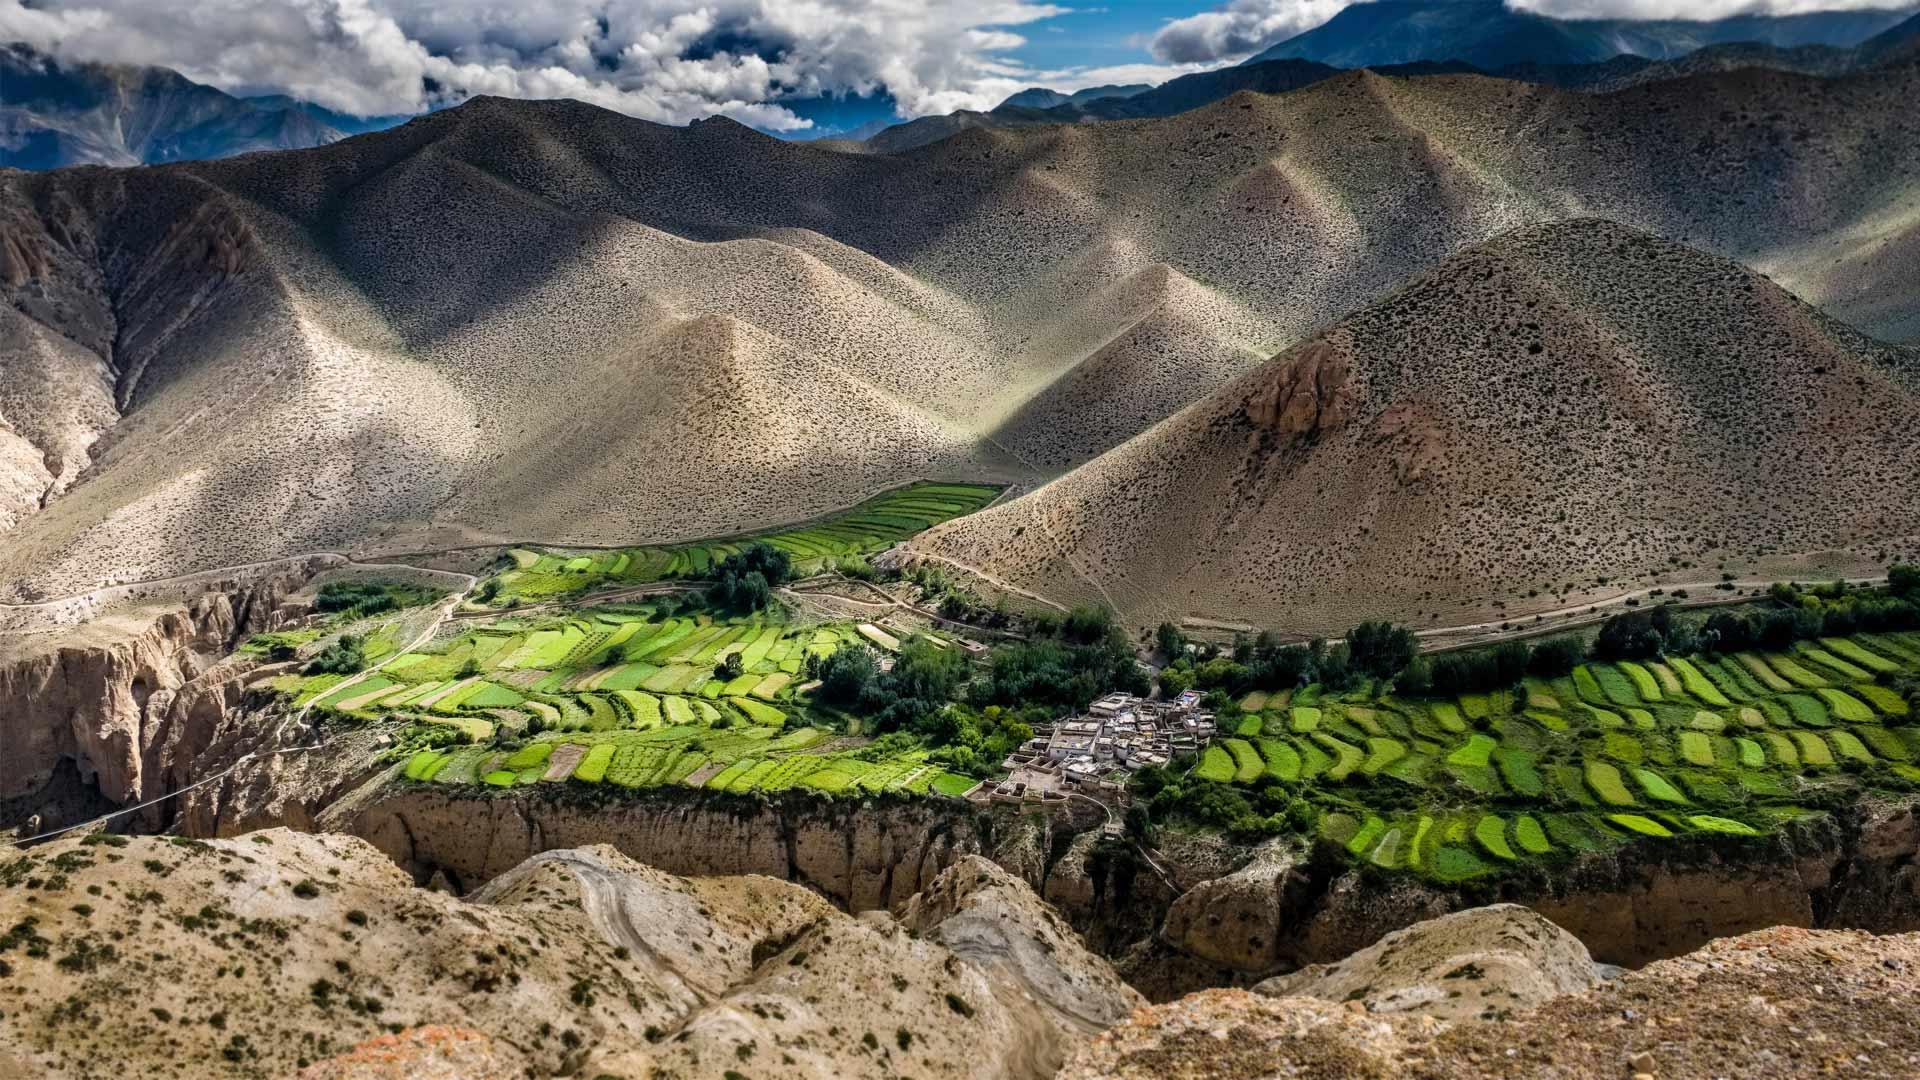 「ジャカール村」ネパール, ムスタン (© Frank Bienewald/Alamy)